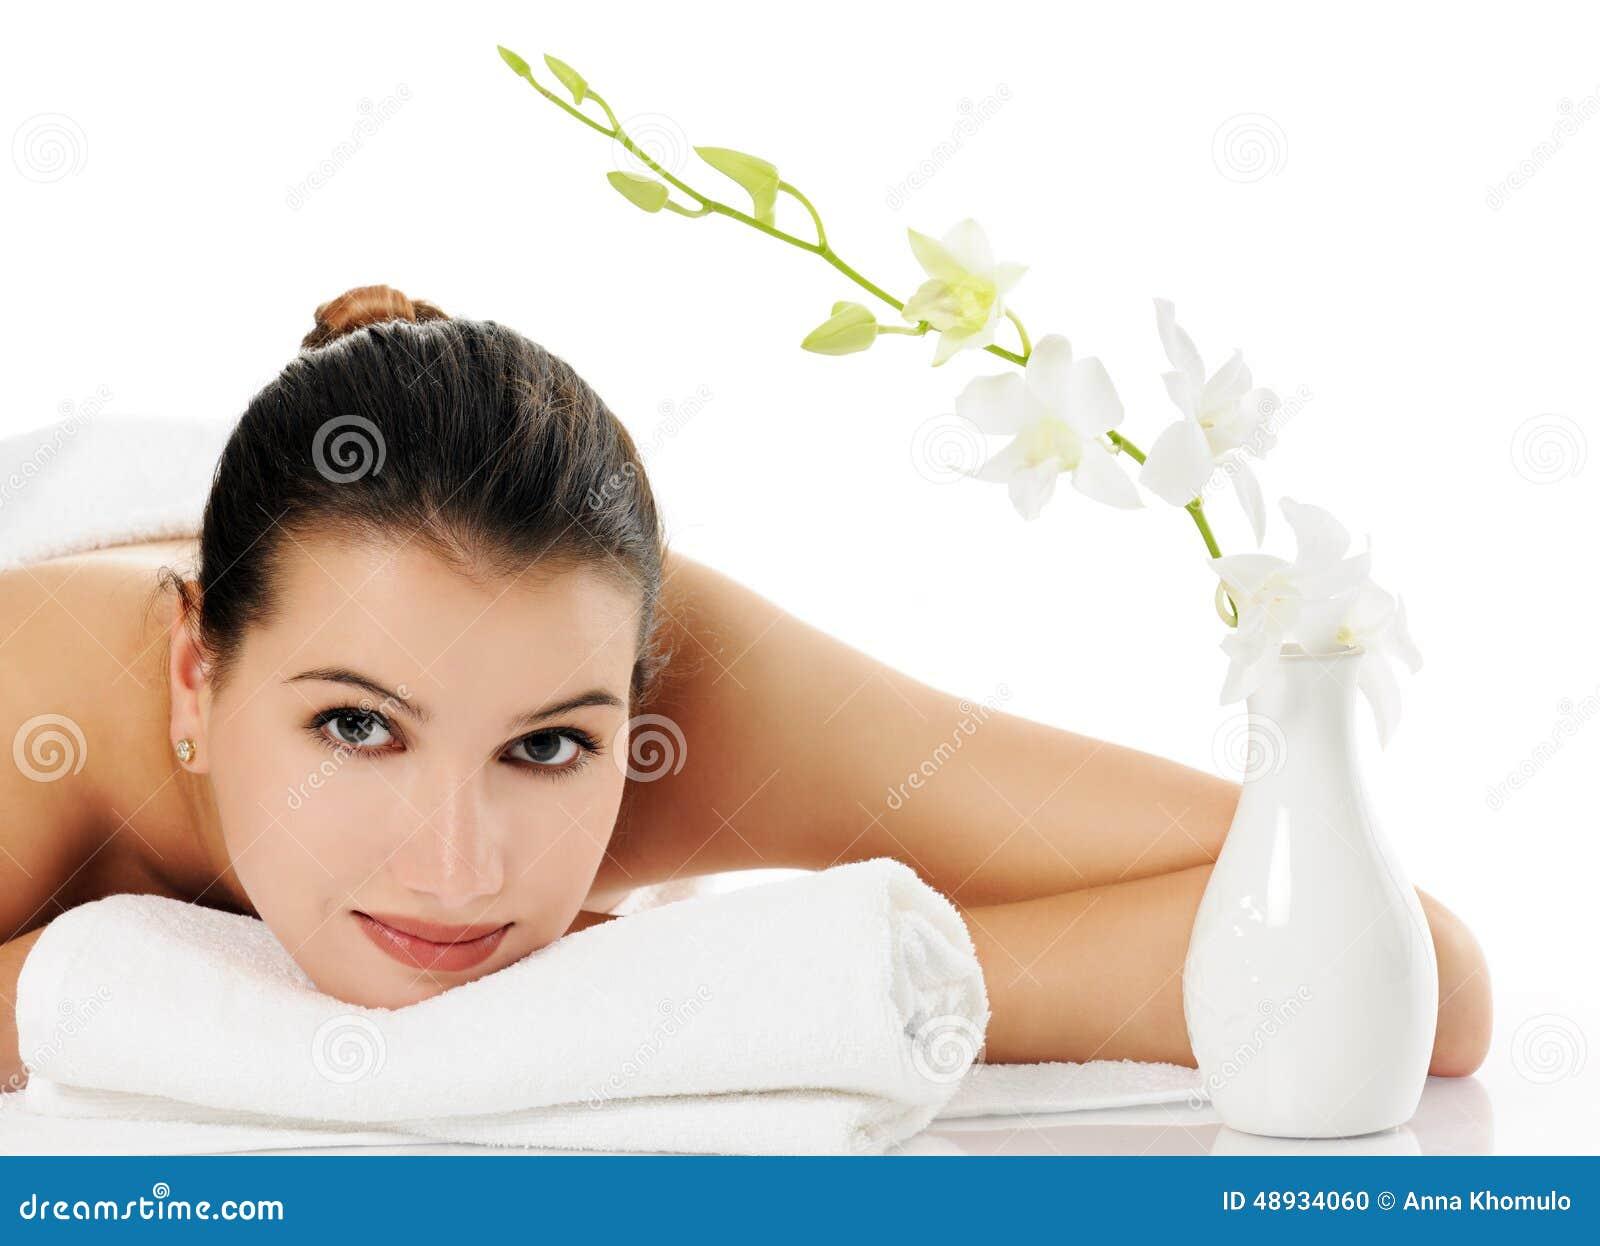 Beautiful masseuse